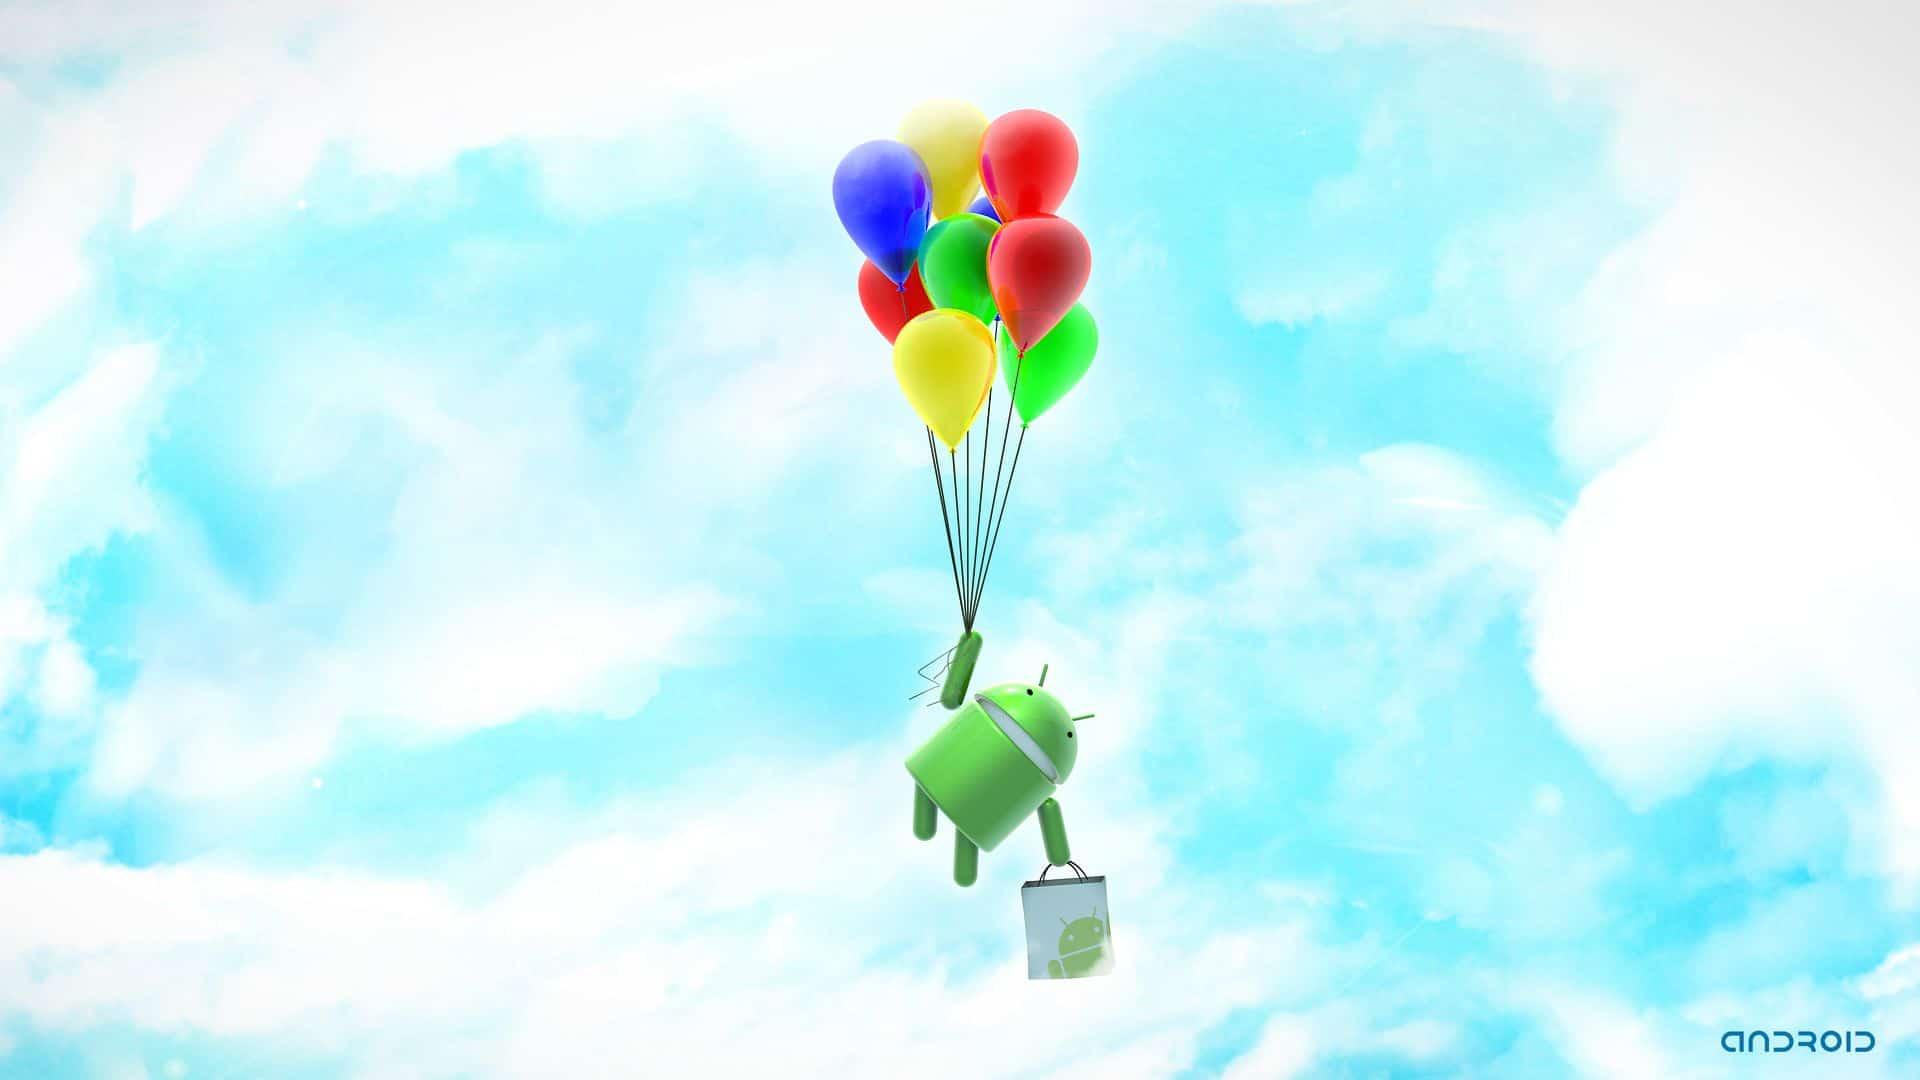 Pubg Wallpaper 1080p For Android: Le Fond D'écran Android Du Jour : Droid Balloons